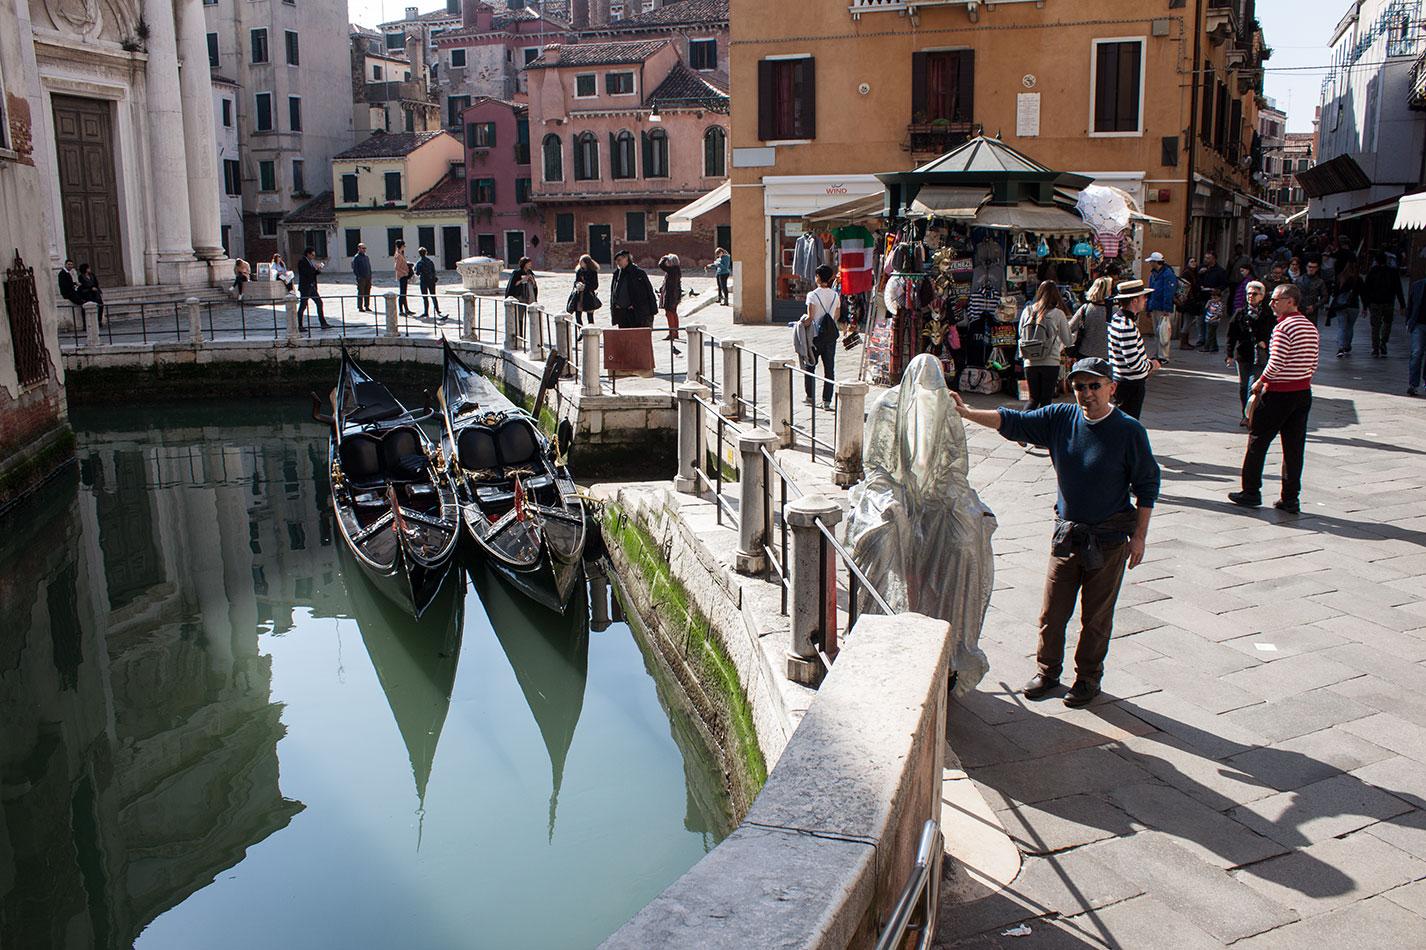 la-biennale-venezia-arte-venice-guardians-of-time-manfred-kili-kielnhofer-contemporary-art-arts-design-sculpture-performance-show-8109